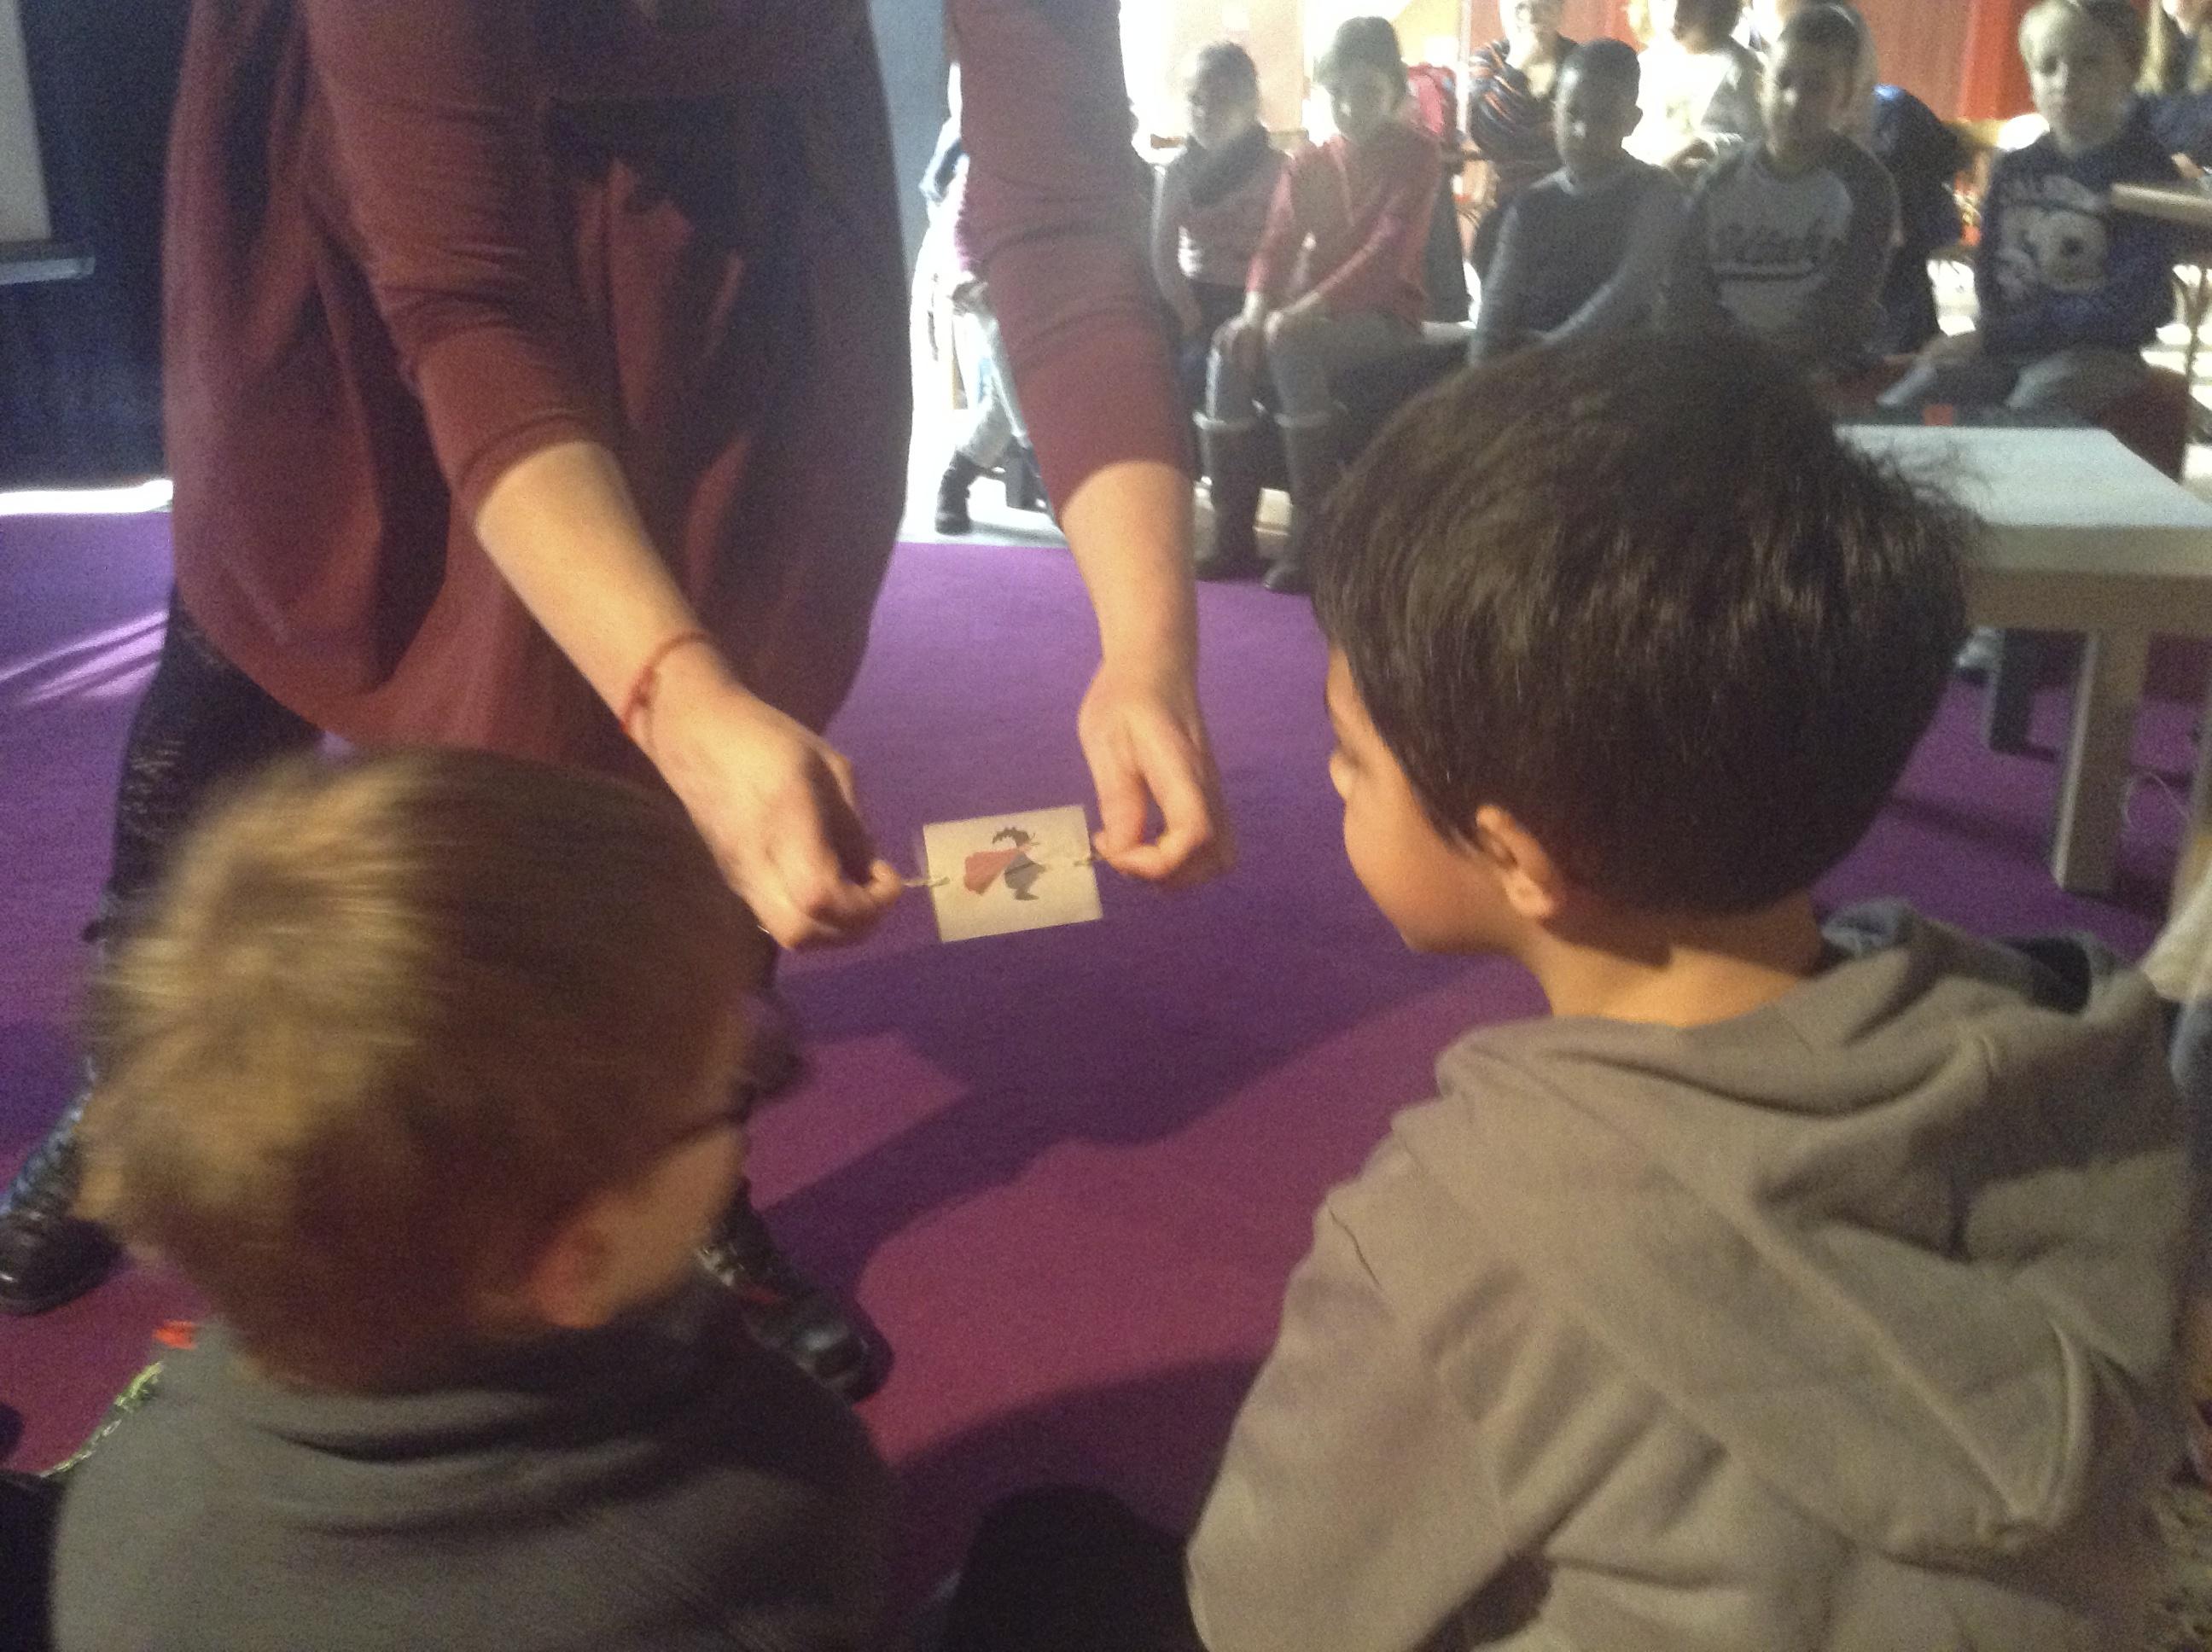 Les jouets optiques aident à comprendre le mystère des images qui bougent.